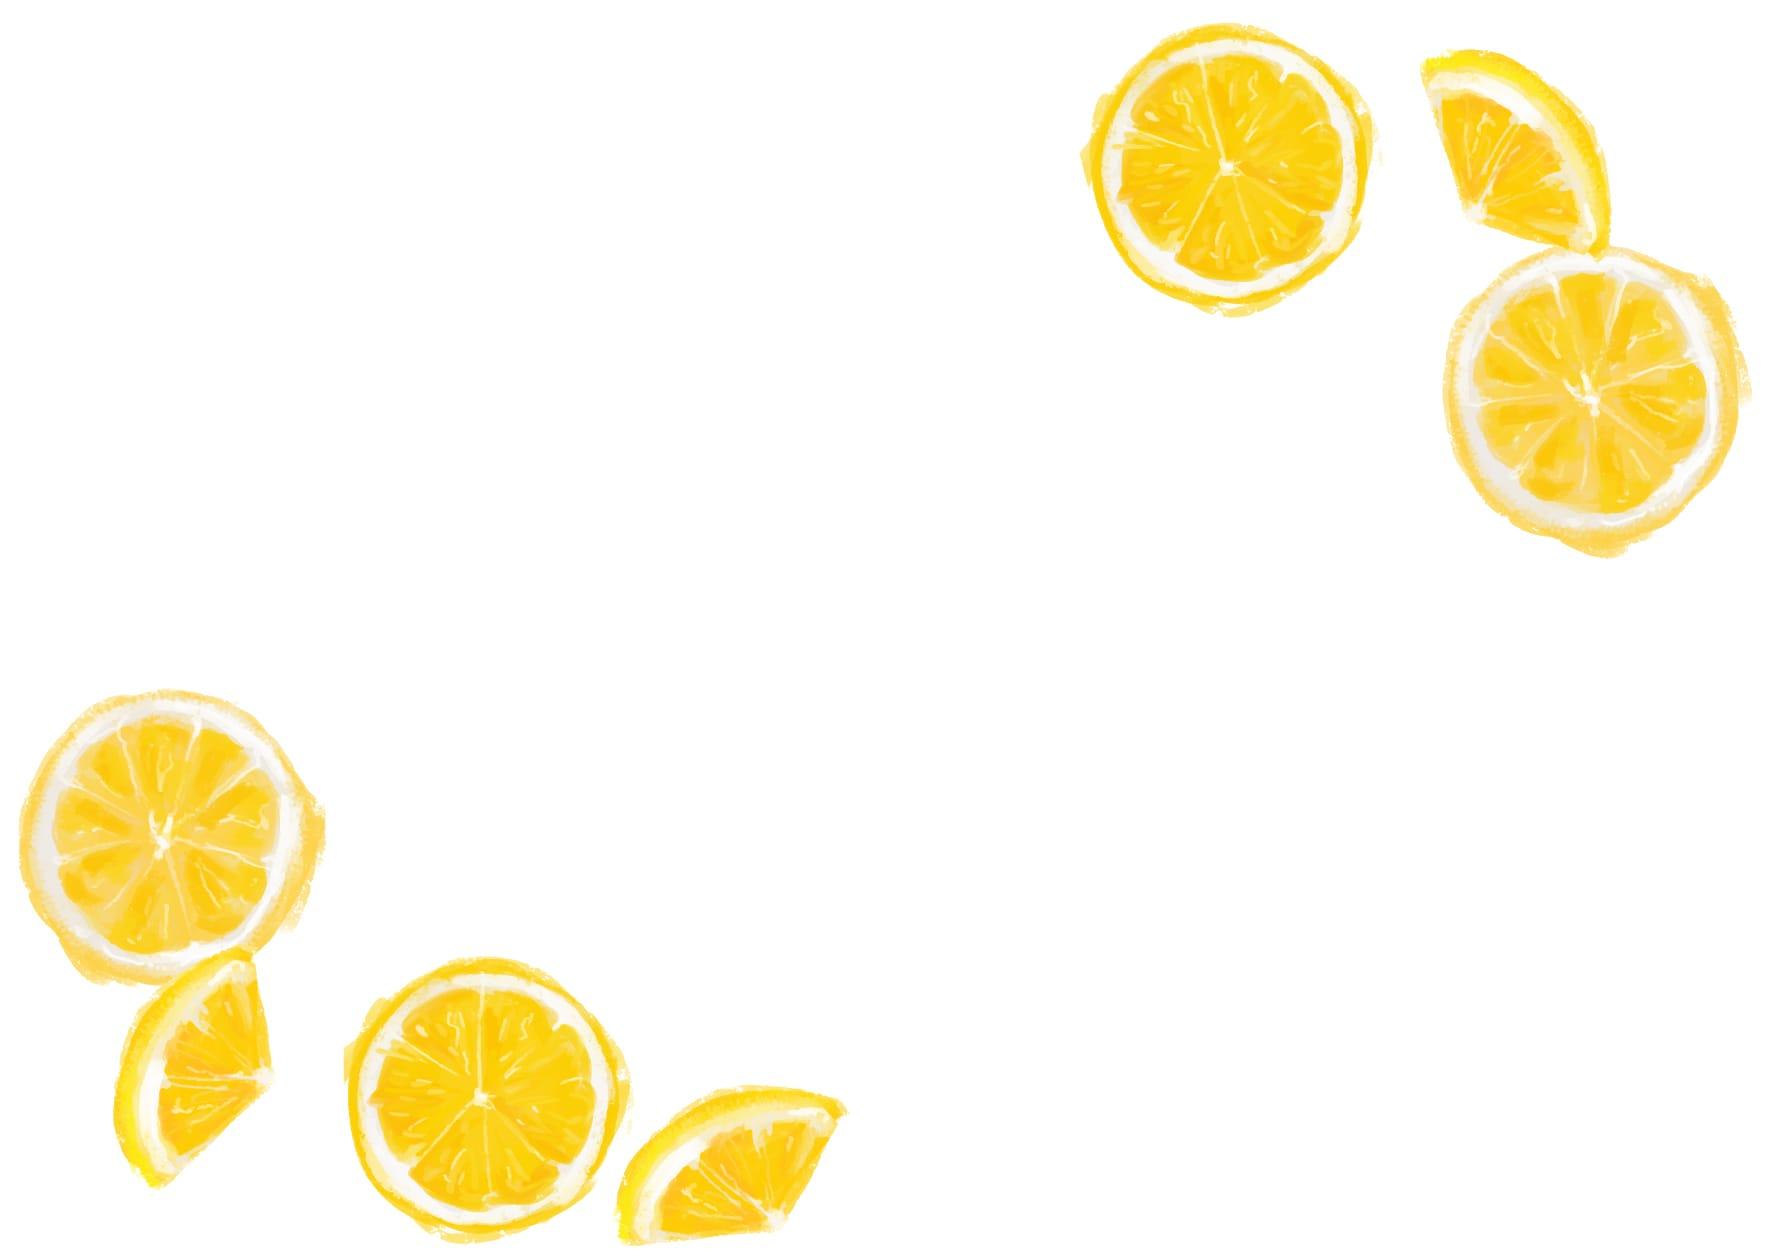 手書きイラスト無料|手書き オレンジ 背景